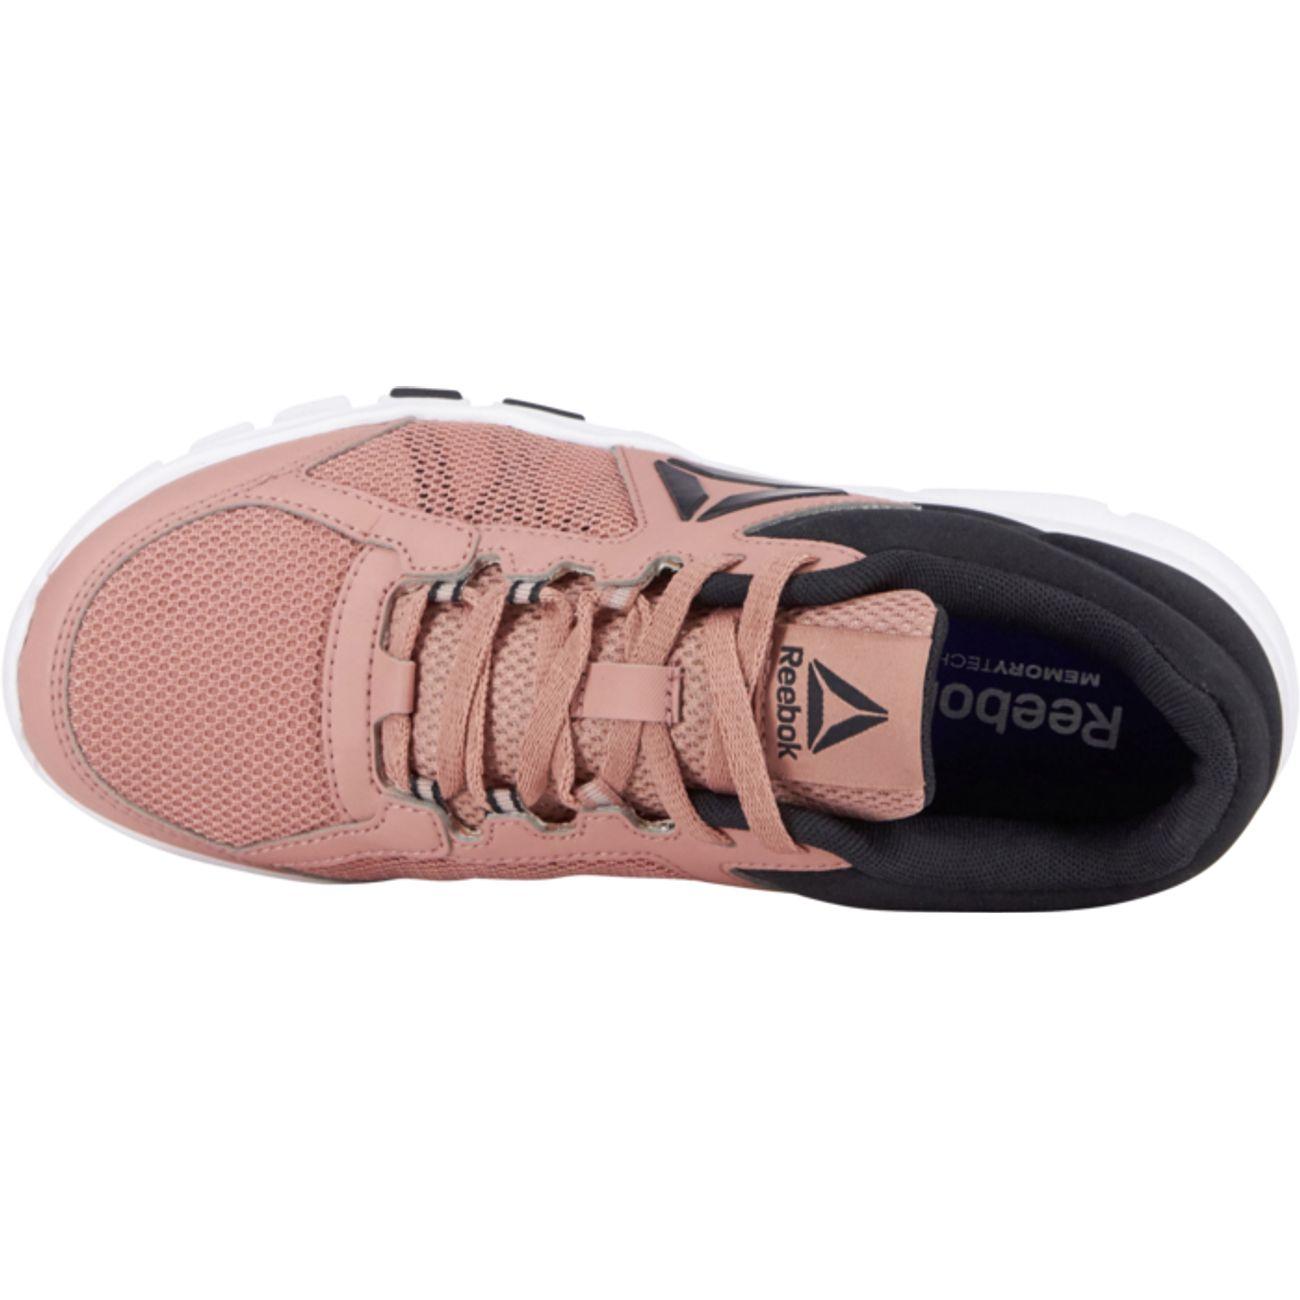 Chaussures Femme Multisport femme REEBOK YOURFLEX TRAINETTE